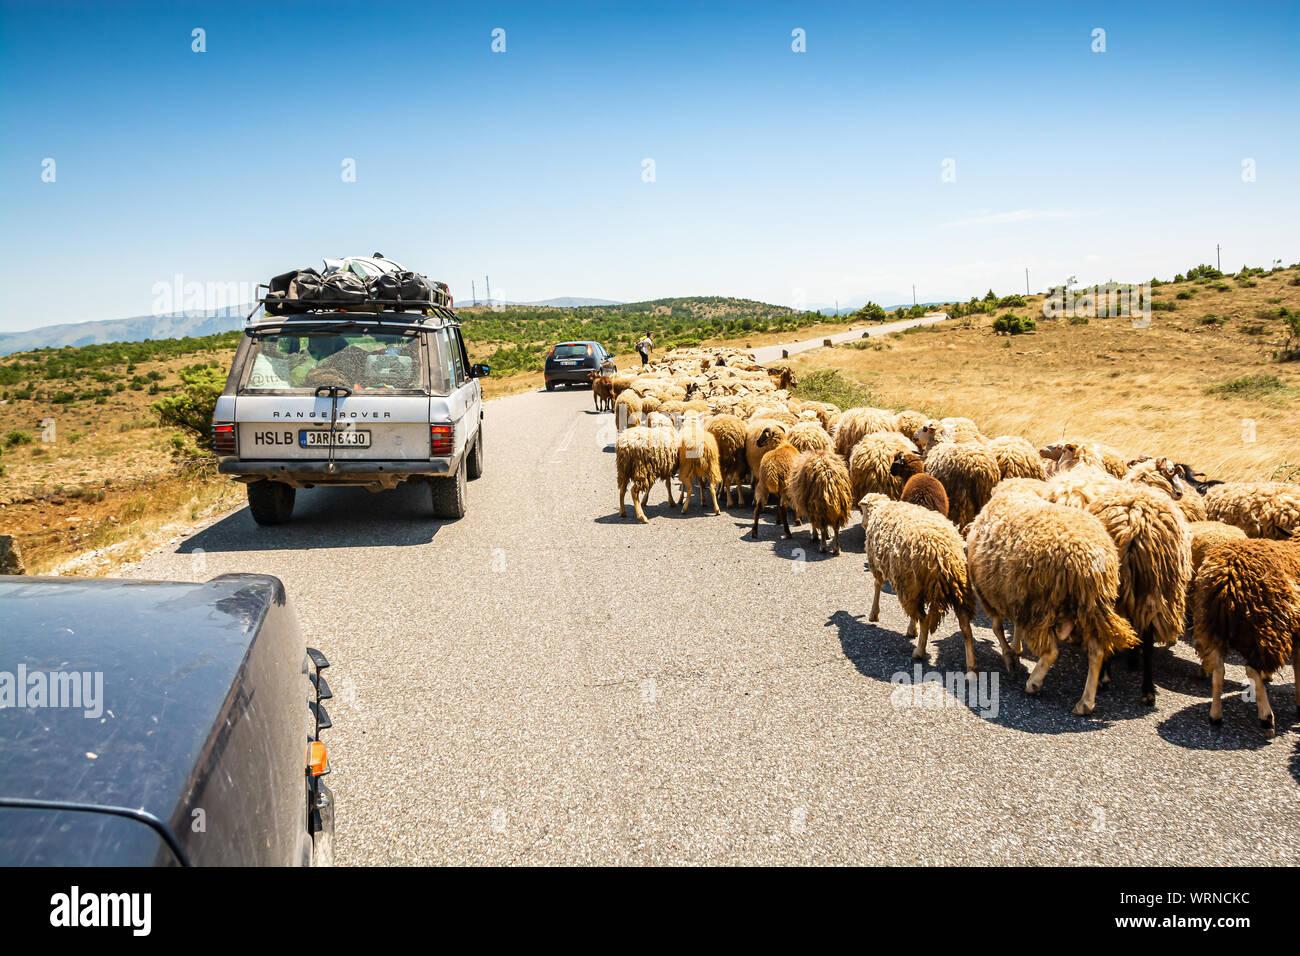 Vomitar, Albania - 23 de julio de 2019. Ovejas en la carretera Foto de stock